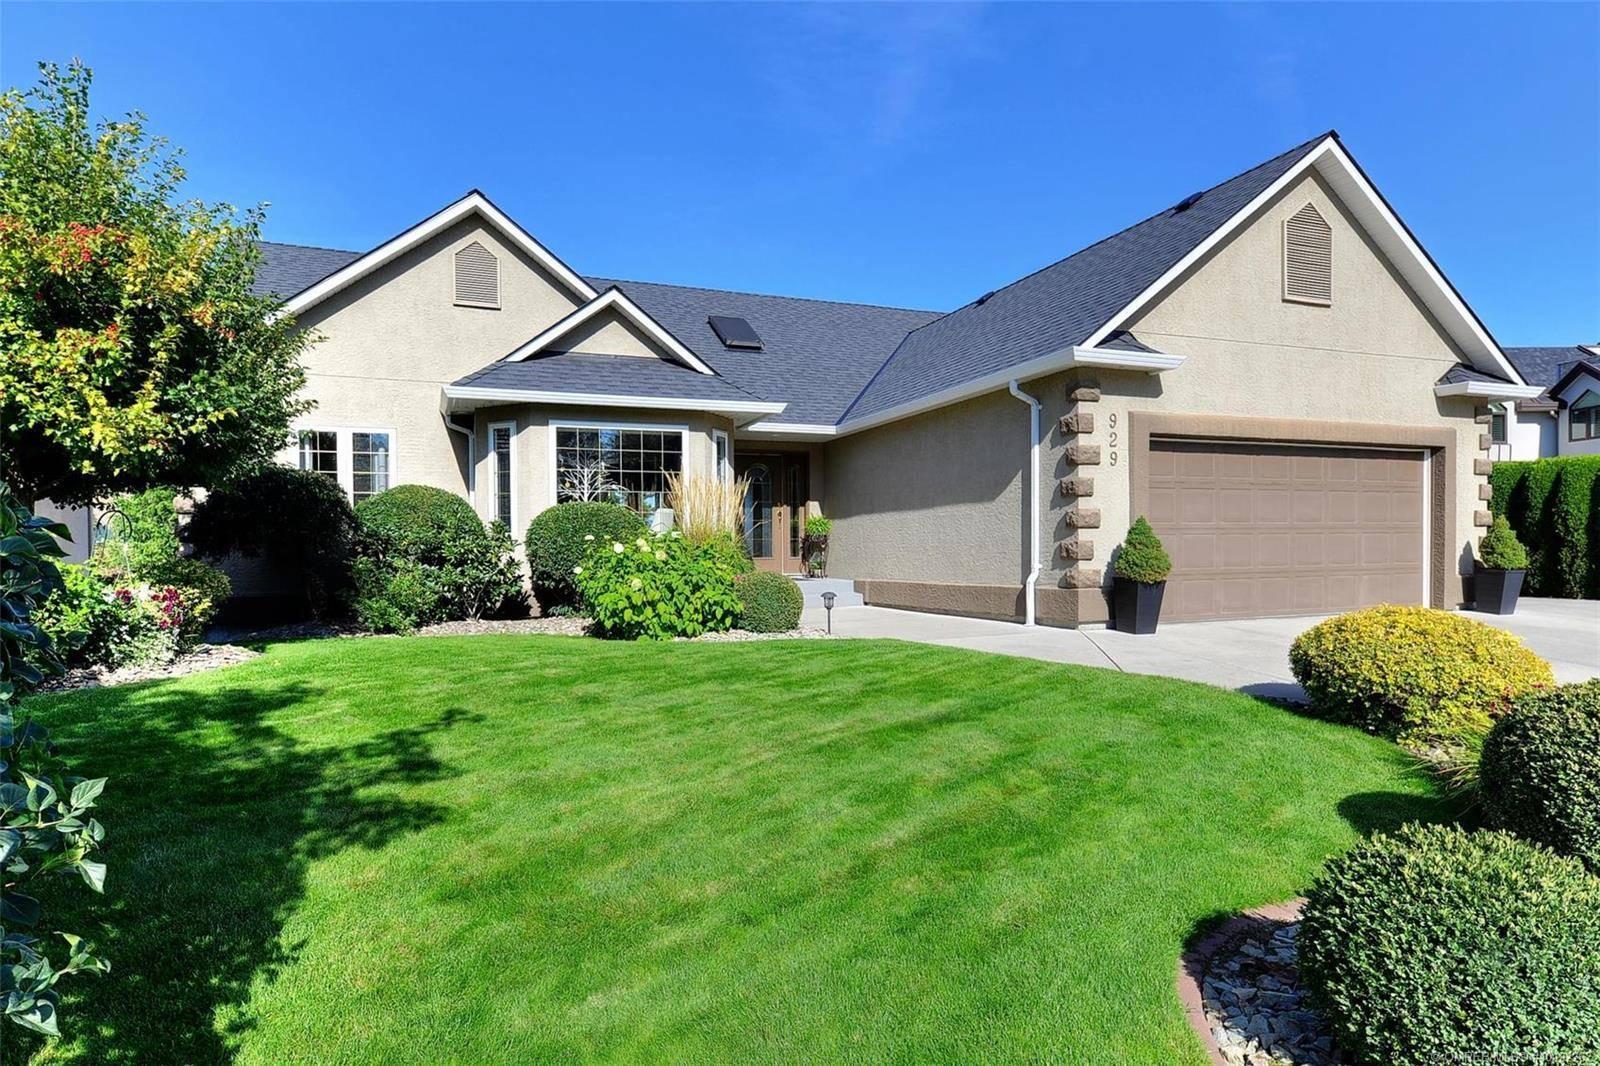 House for sale at 929 Skeena Ct Kelowna British Columbia - MLS: 10192262